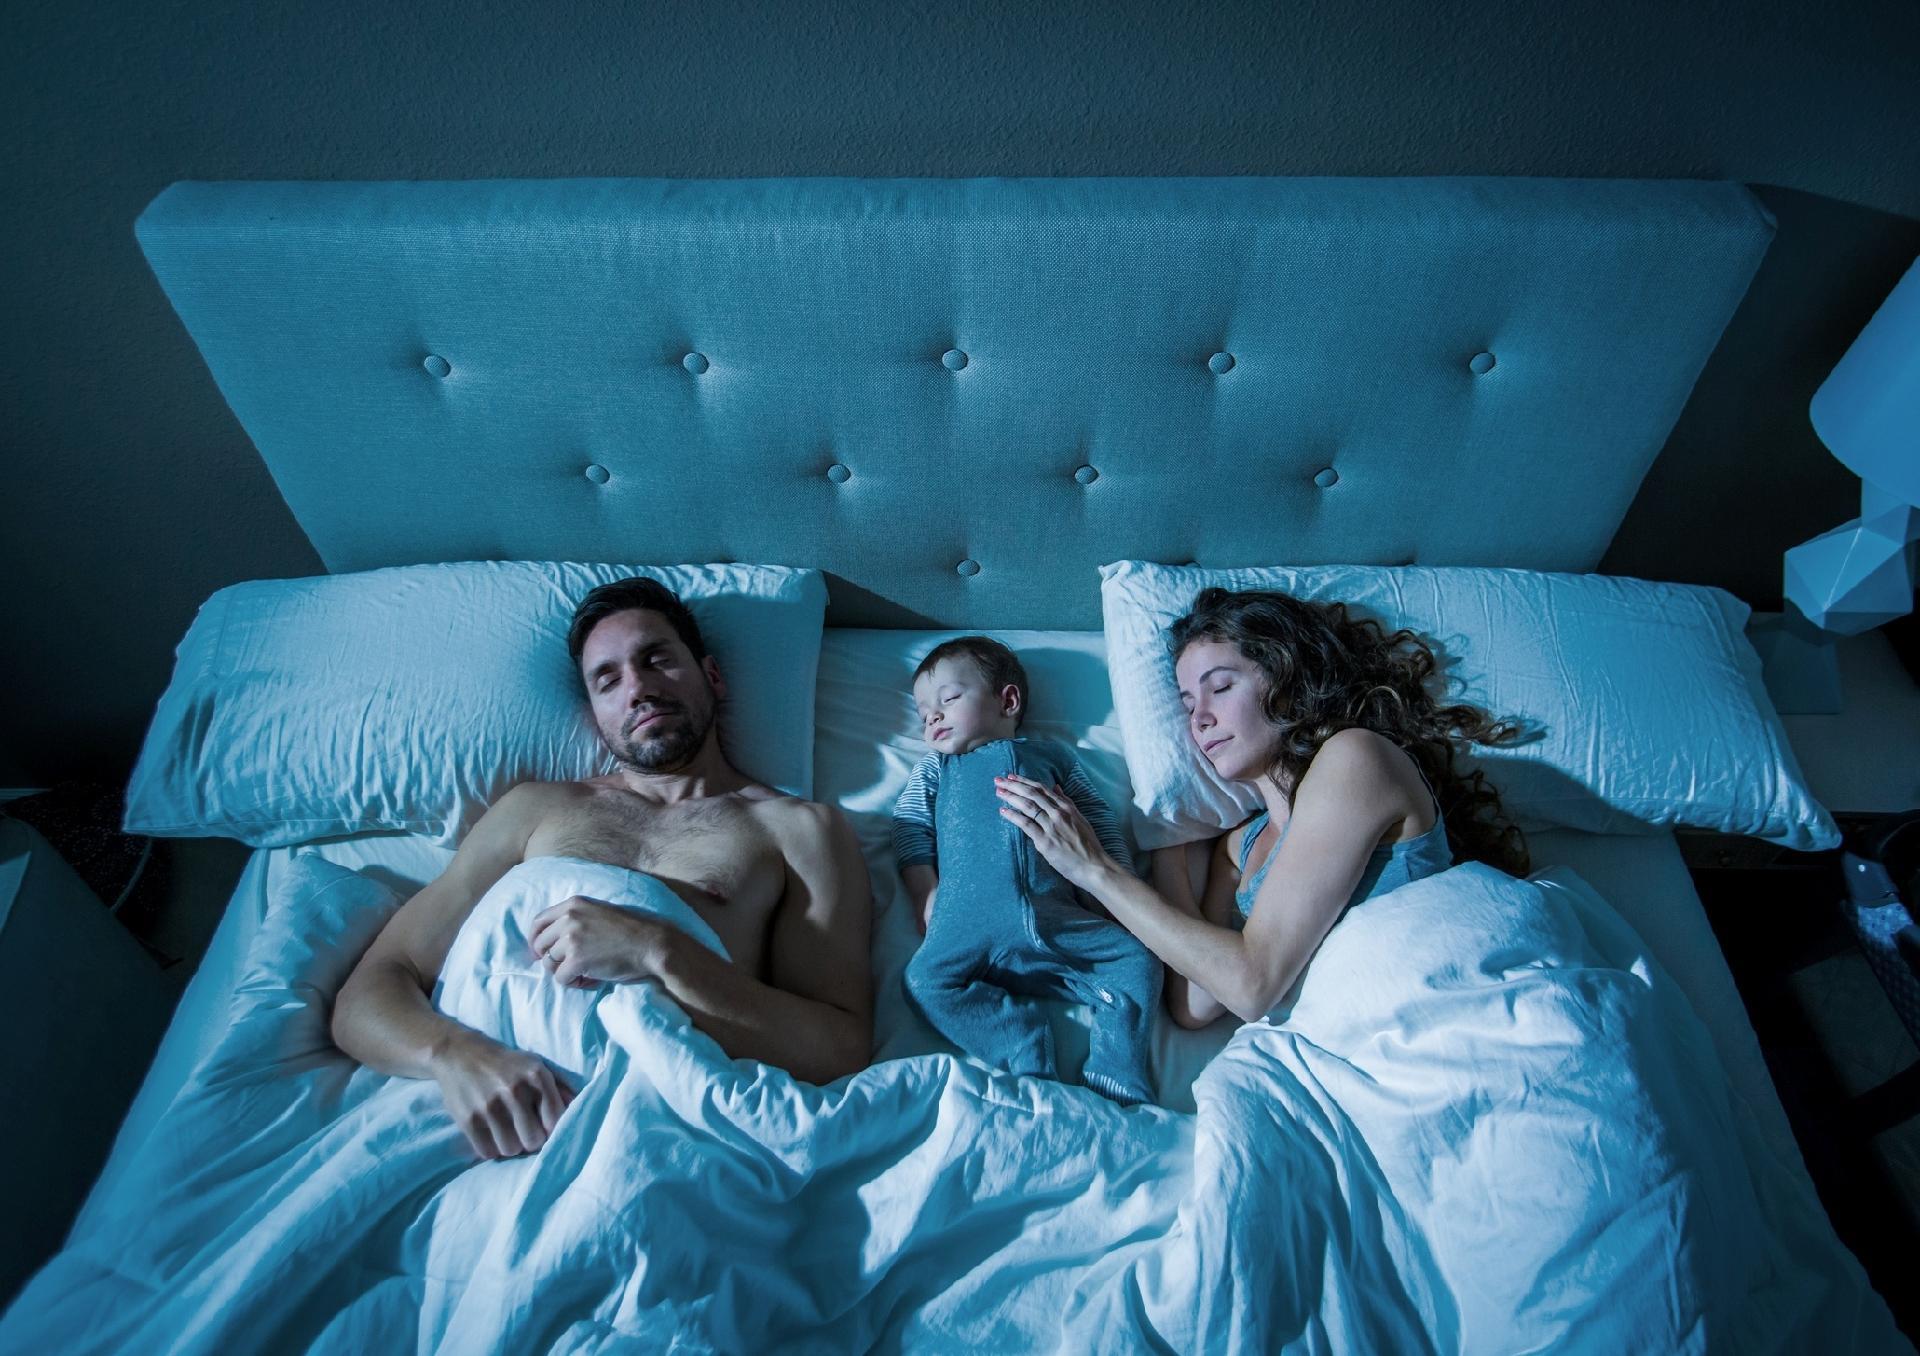 dormir no berço ou na cama dos pais